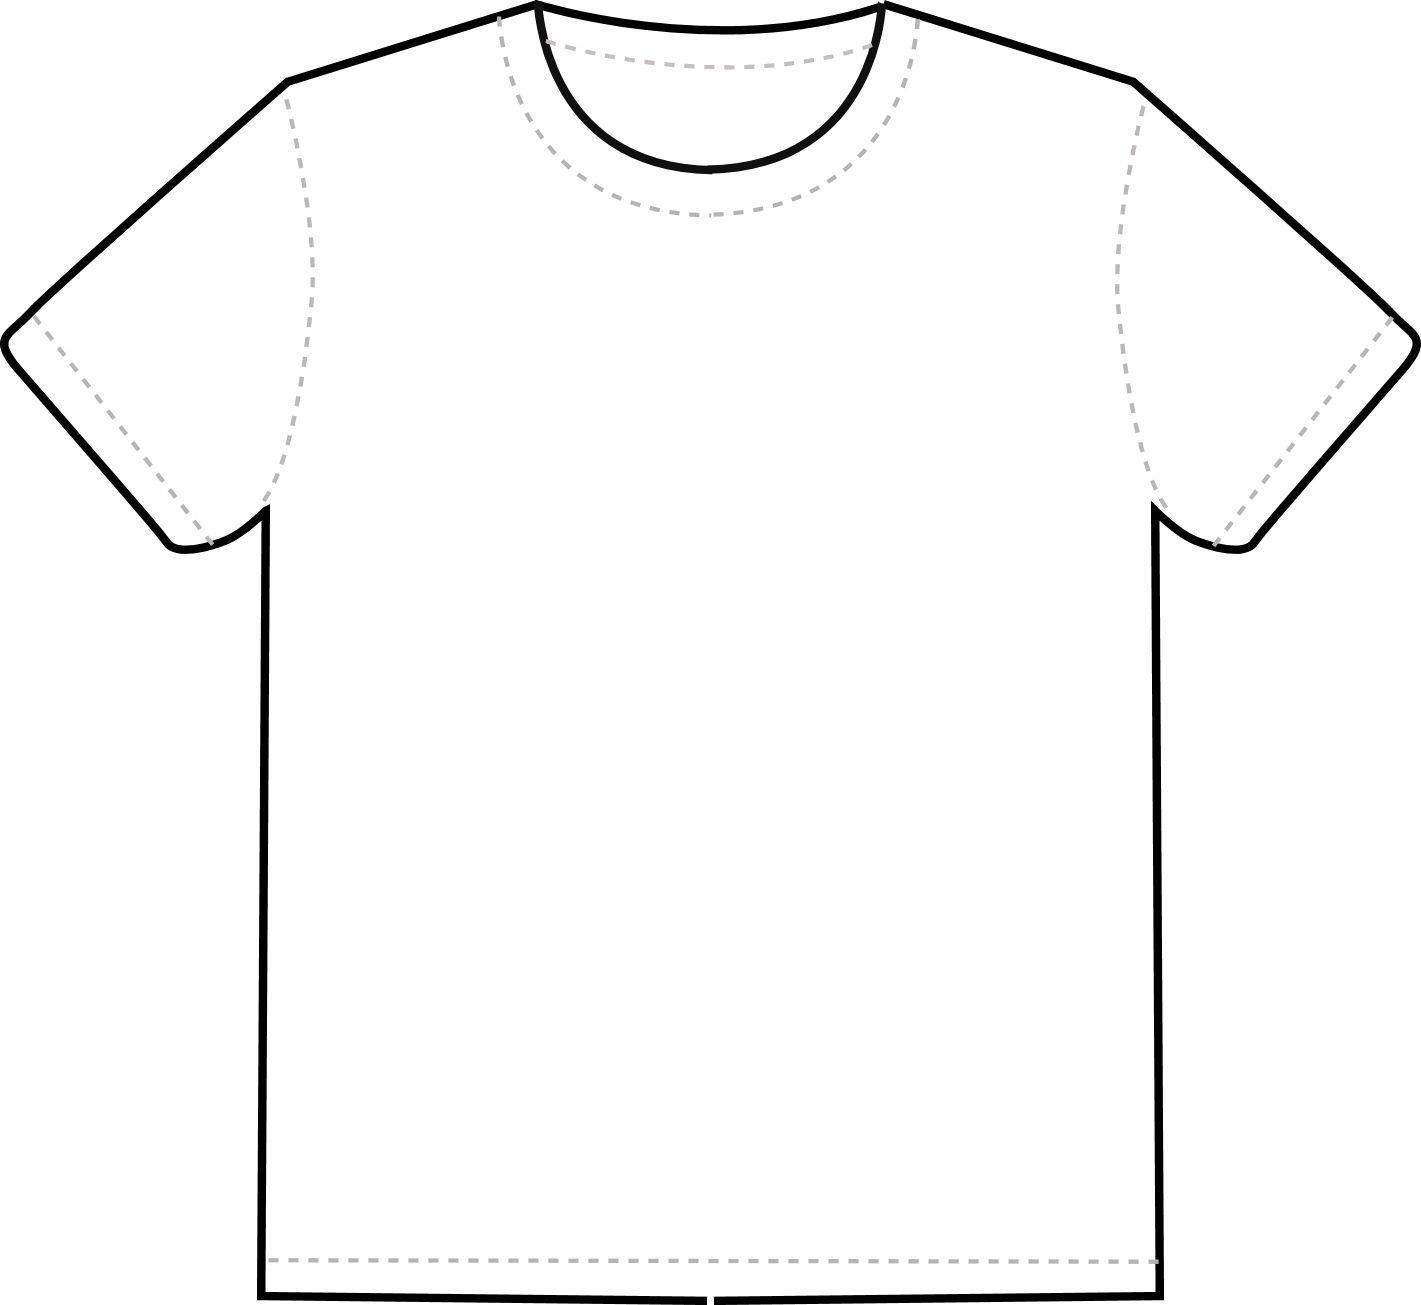 Tee Shirt Design Template T Shirt Outline Clipart Clipart Best Clipart Best